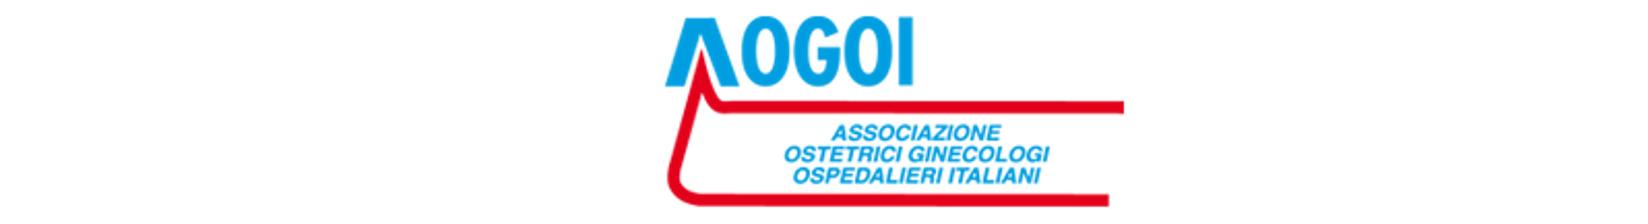 logo AOGOI